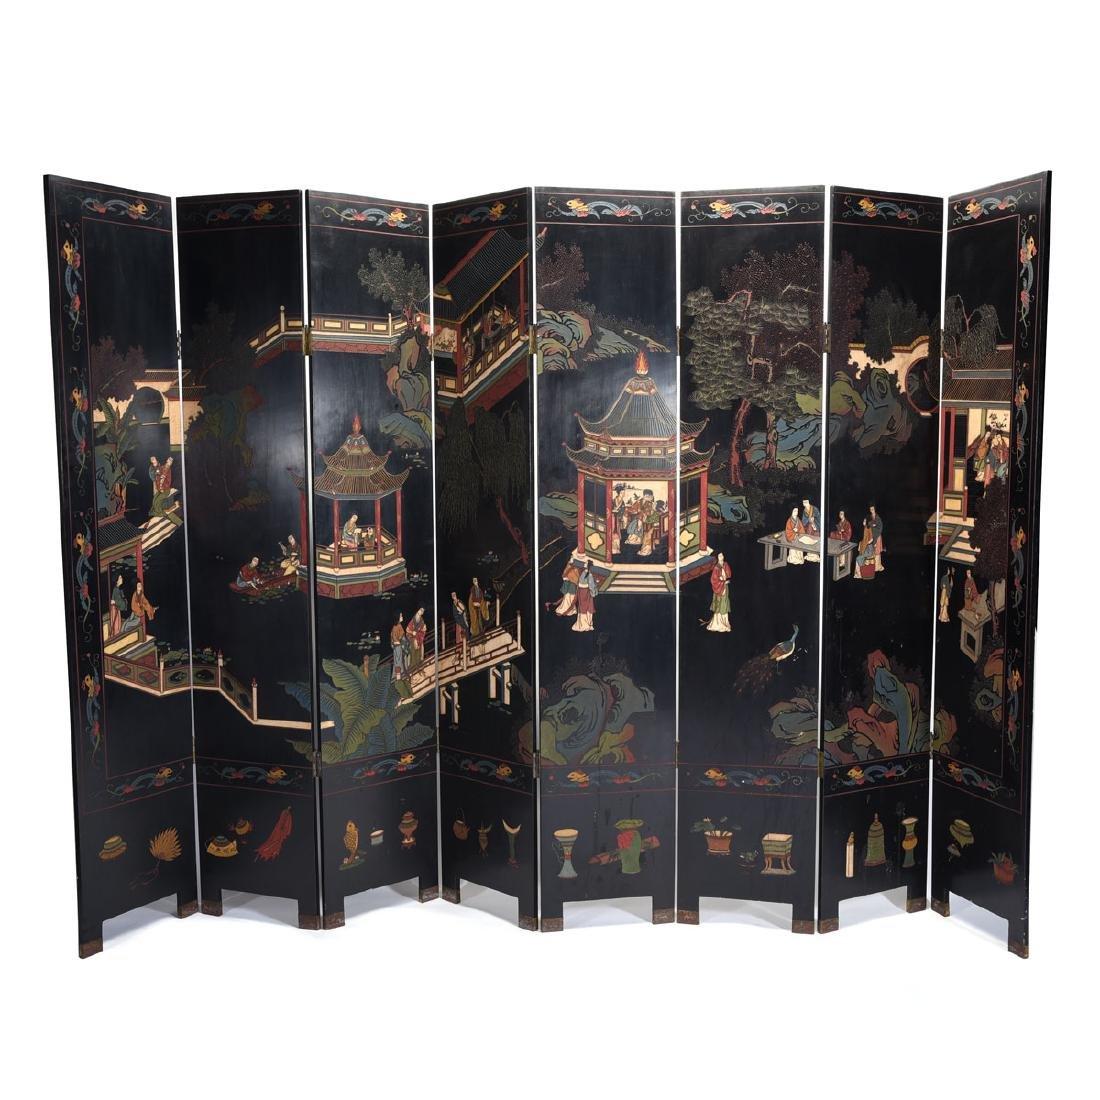 Eight Panel Coromandel Screen